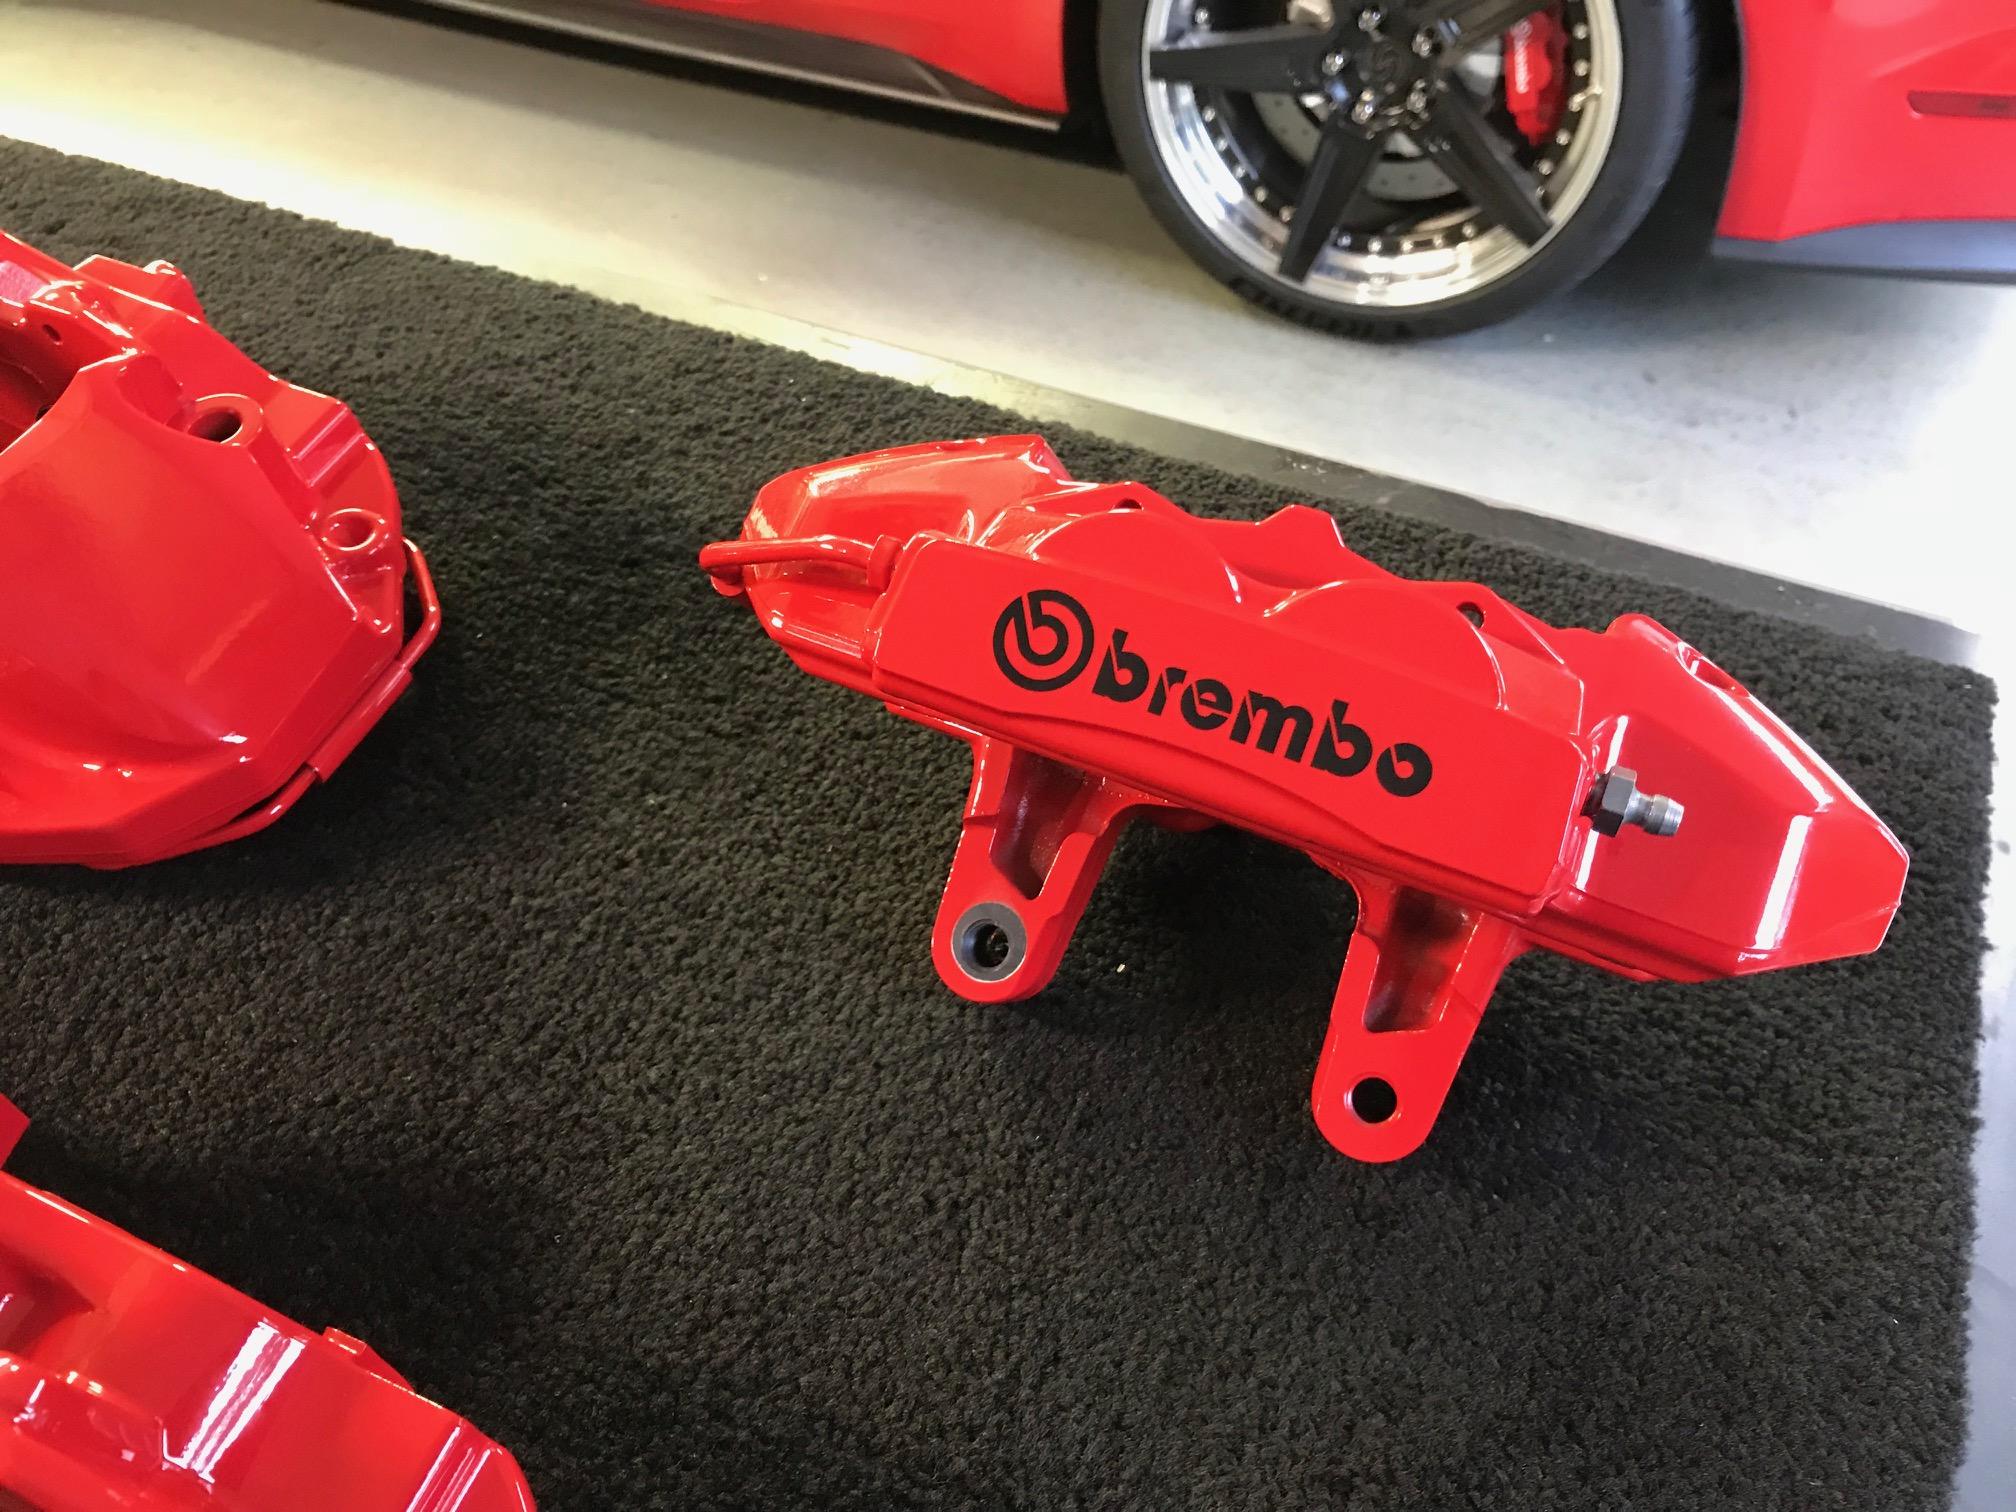 Shelby Gt350 Custom Brembo Brake Calipers Inquire Auto Fanatic